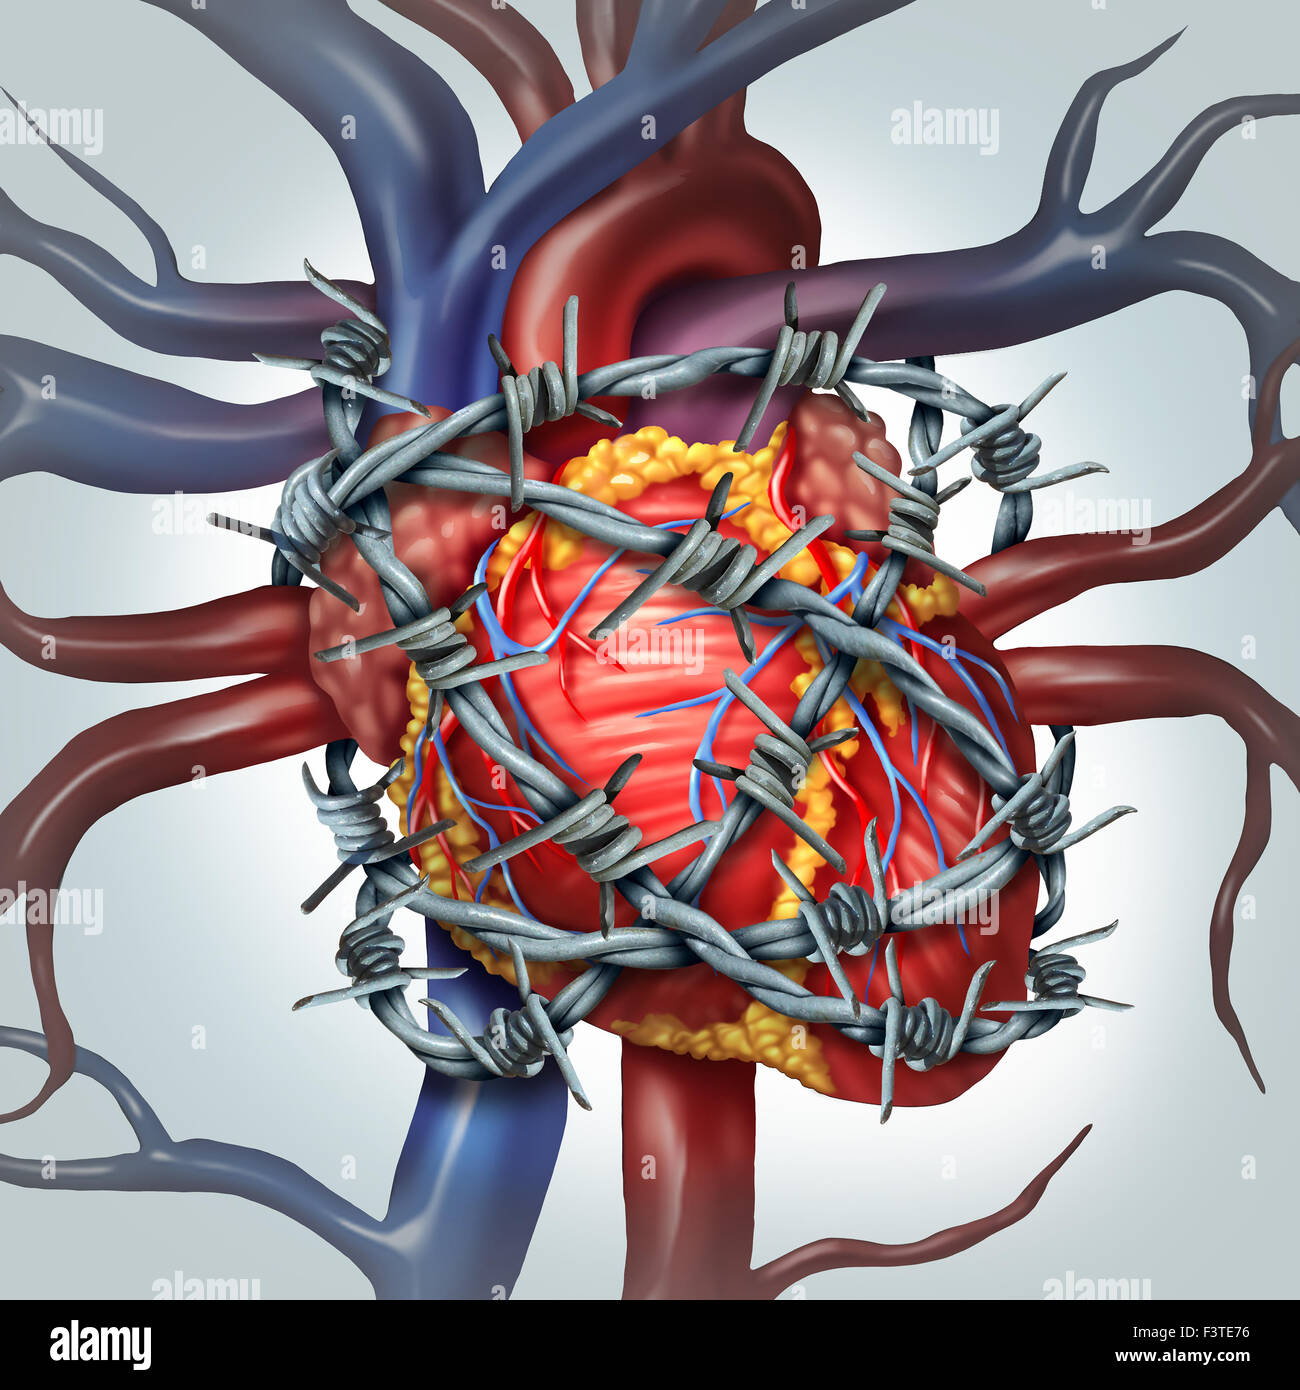 Herz Schmerz medizinische Gesundheitsversorgung Konzept als ein menschliches Herz-Kreislauf-Organ als Metapher für Stockbild